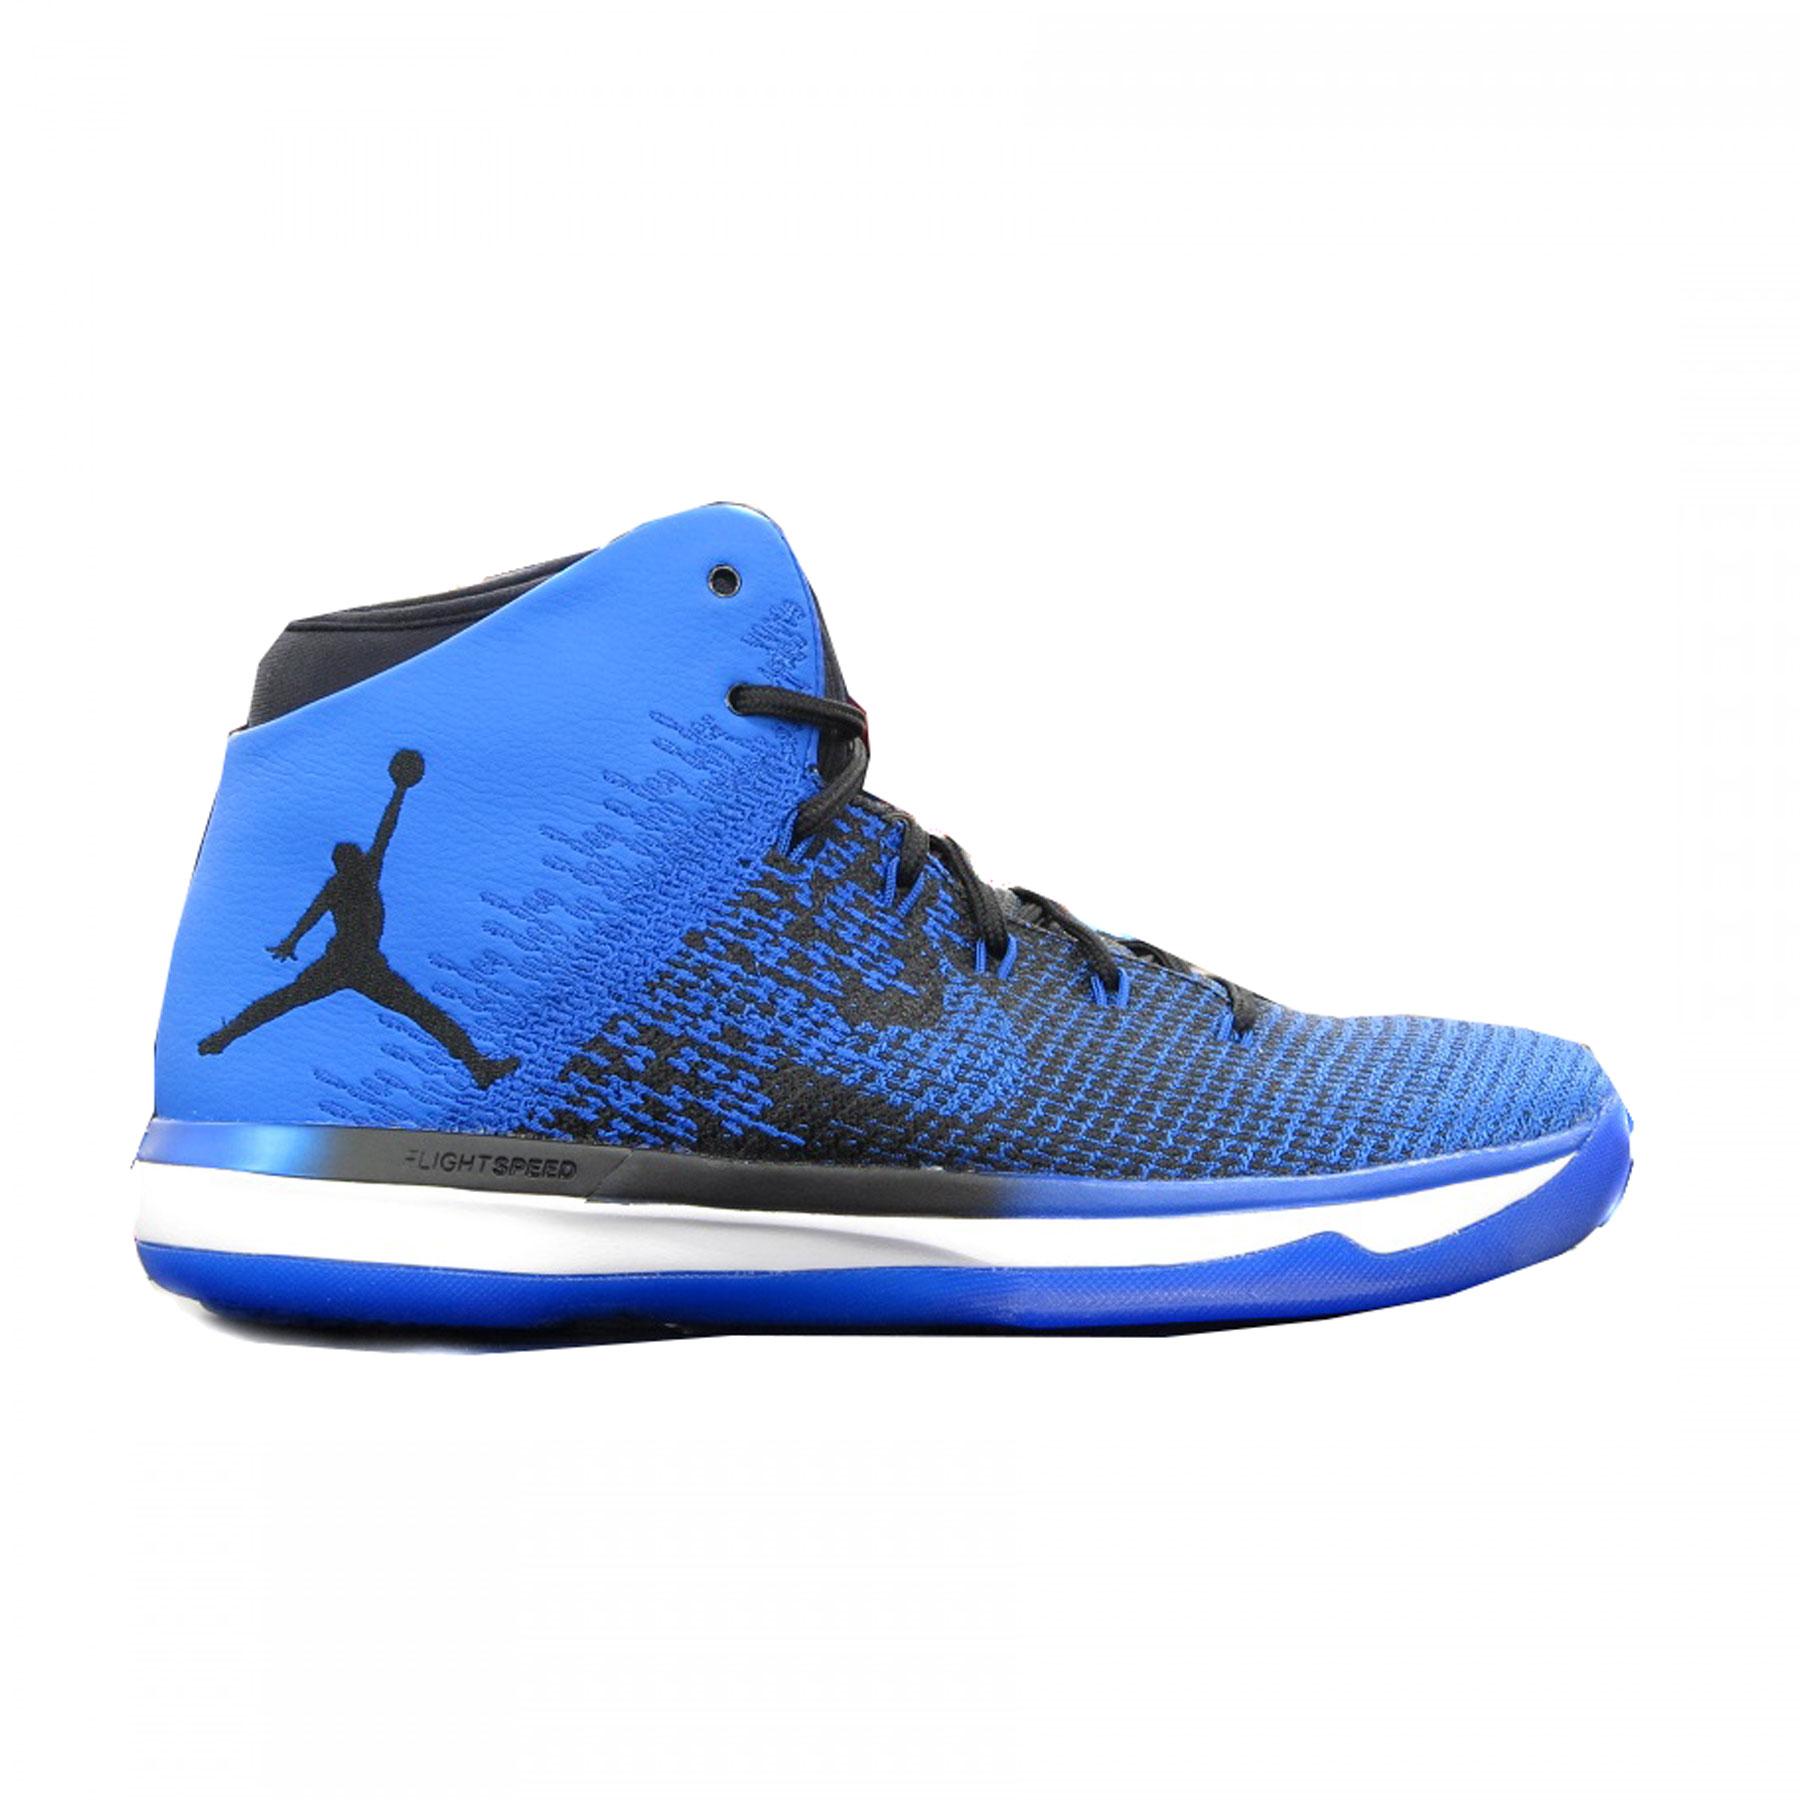 Nike Nike Jordan Nike Jordan Maxisport Jordan Maxisport Shopping Shopping qazxISw